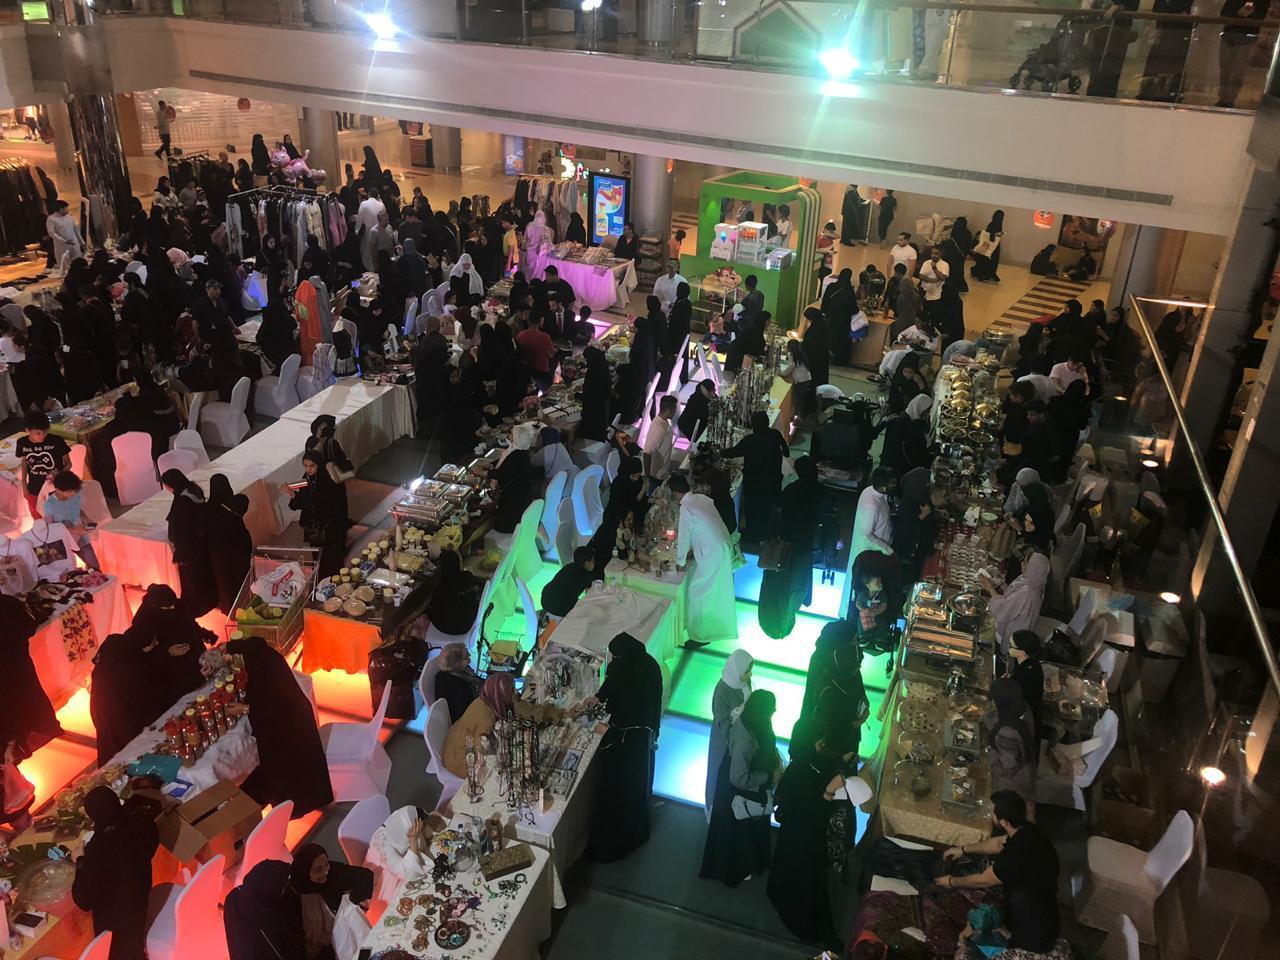 100 أسرة عرضت آخر ابداعاتها  11 ألف زائر في احتفالية الأسر المنتجة بجدة